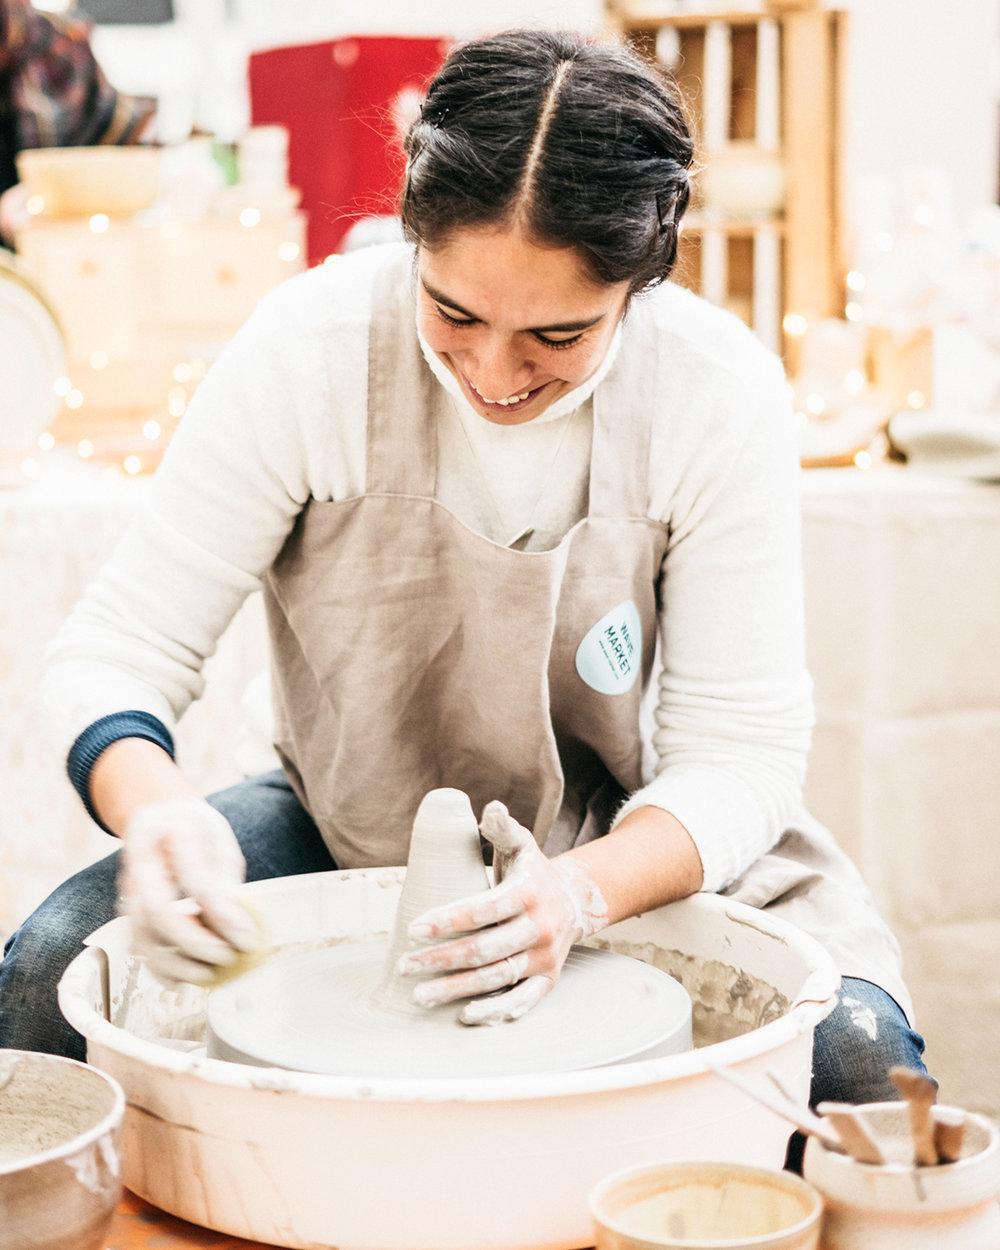 ➔ CRAFT - Partire dalla materia grezza per realizzare qualcosa di unico, che sia testimonianza di tradizione ed espressione di creatività ed innovazione. Questo è il mantra che accomuna i nostri artigiani, che si occupano di prodotti per la persona, casa ed alimentari.